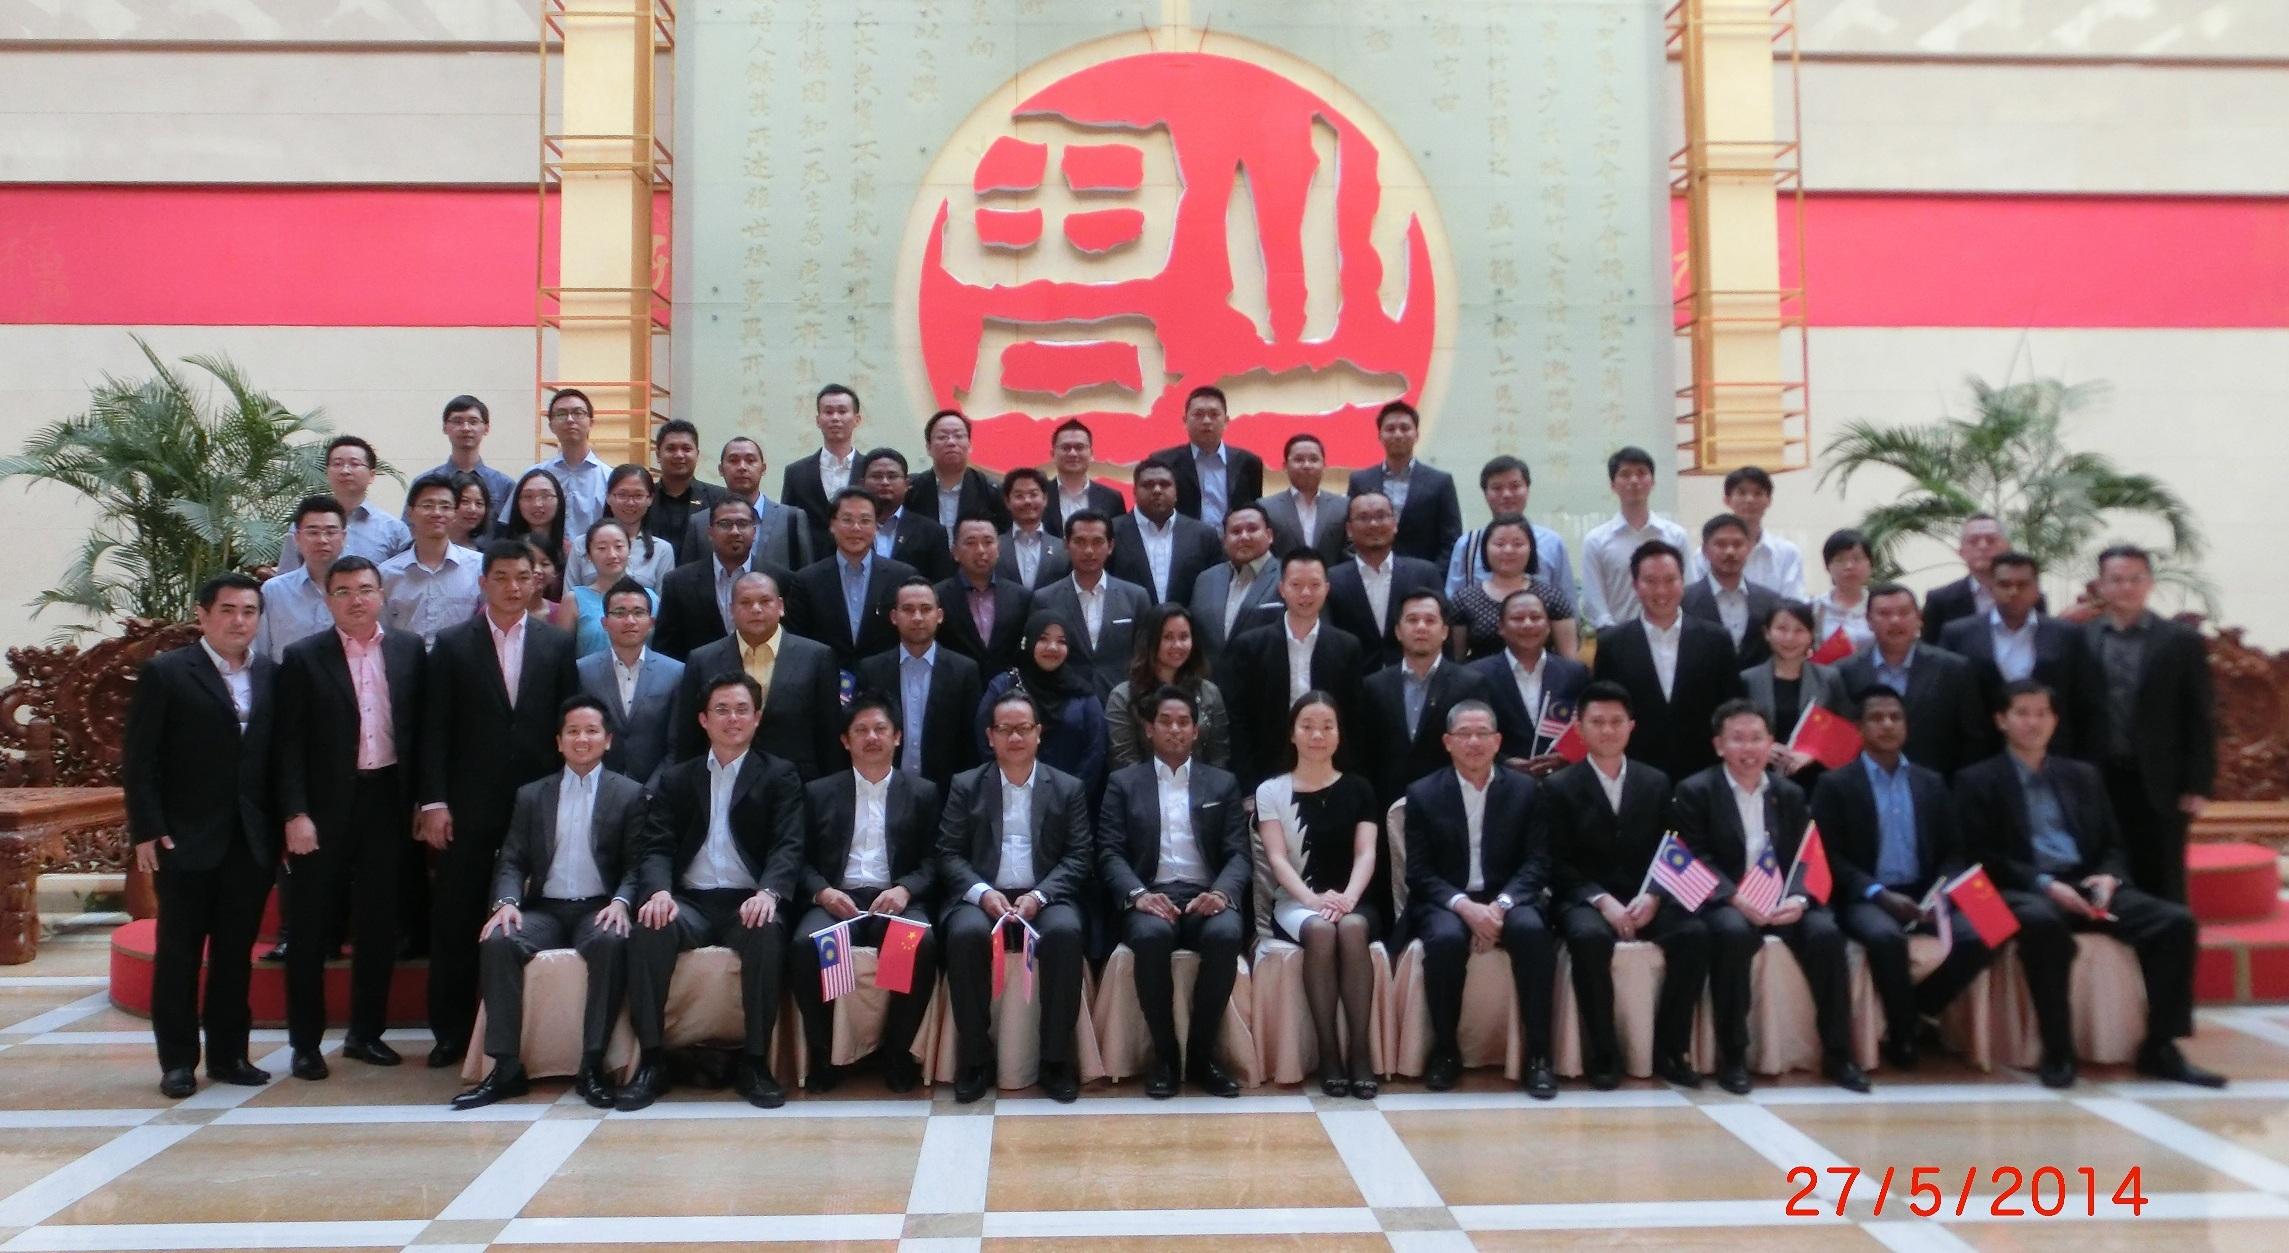 中联部青年与马来西亚青年代表团代表合影。